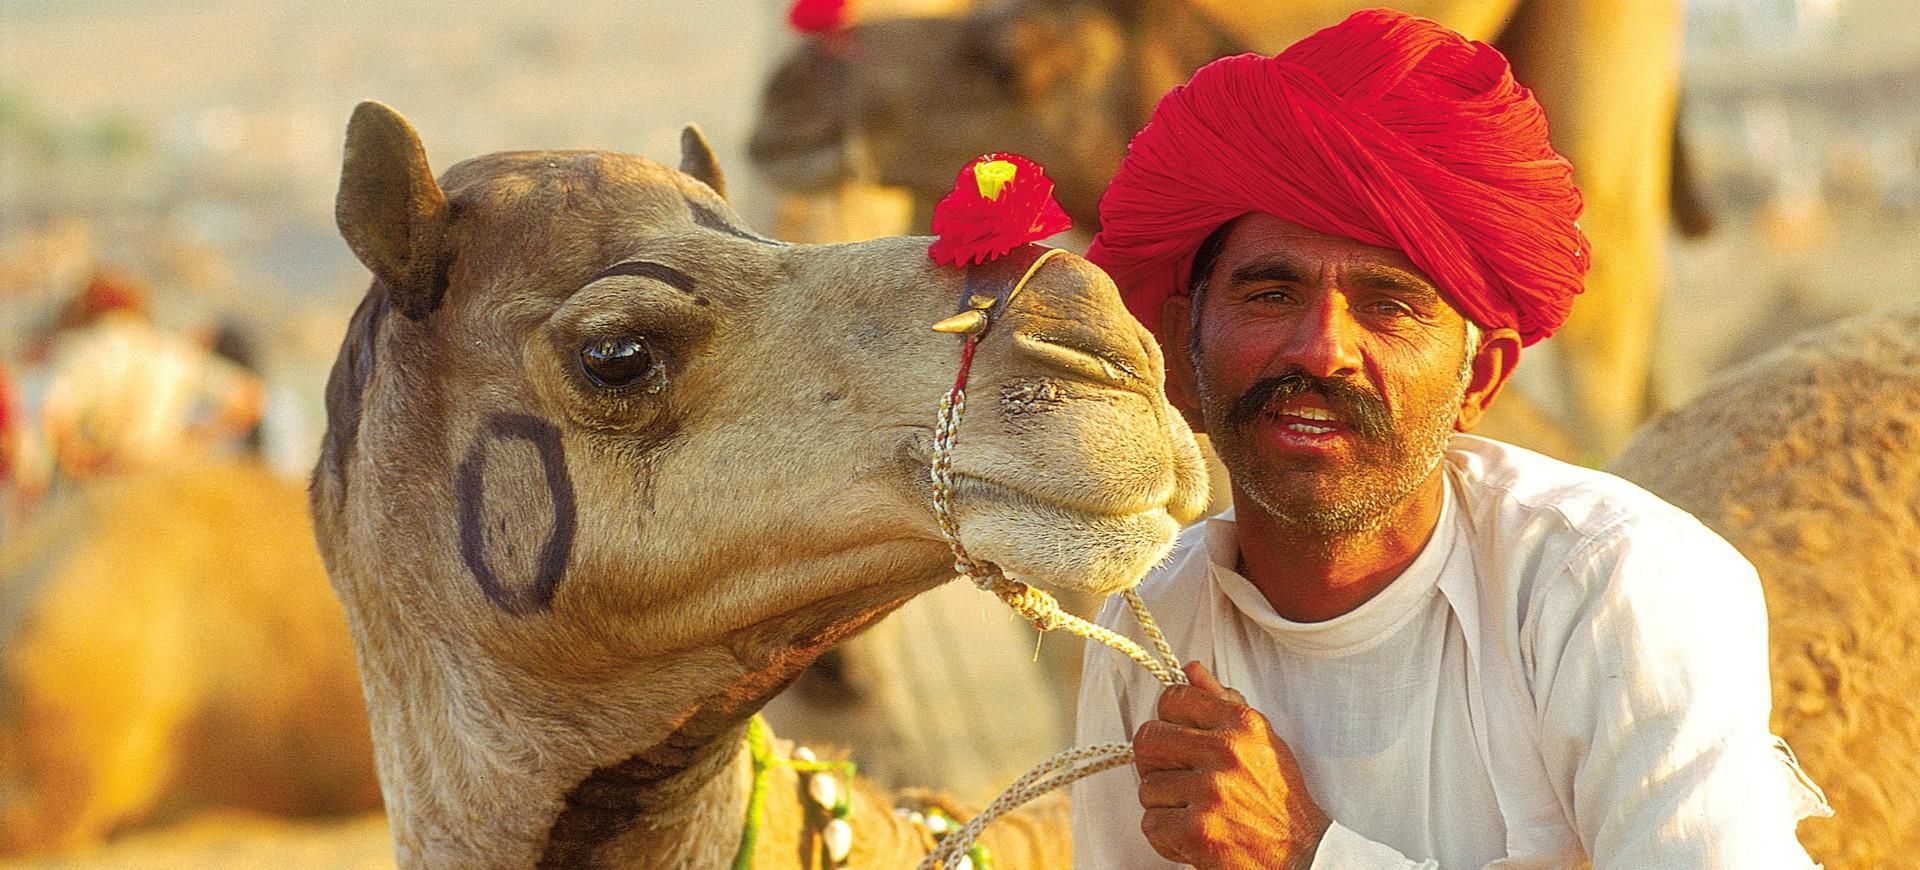 Un chameau pendant la foire de Pushkar au Rajasthan